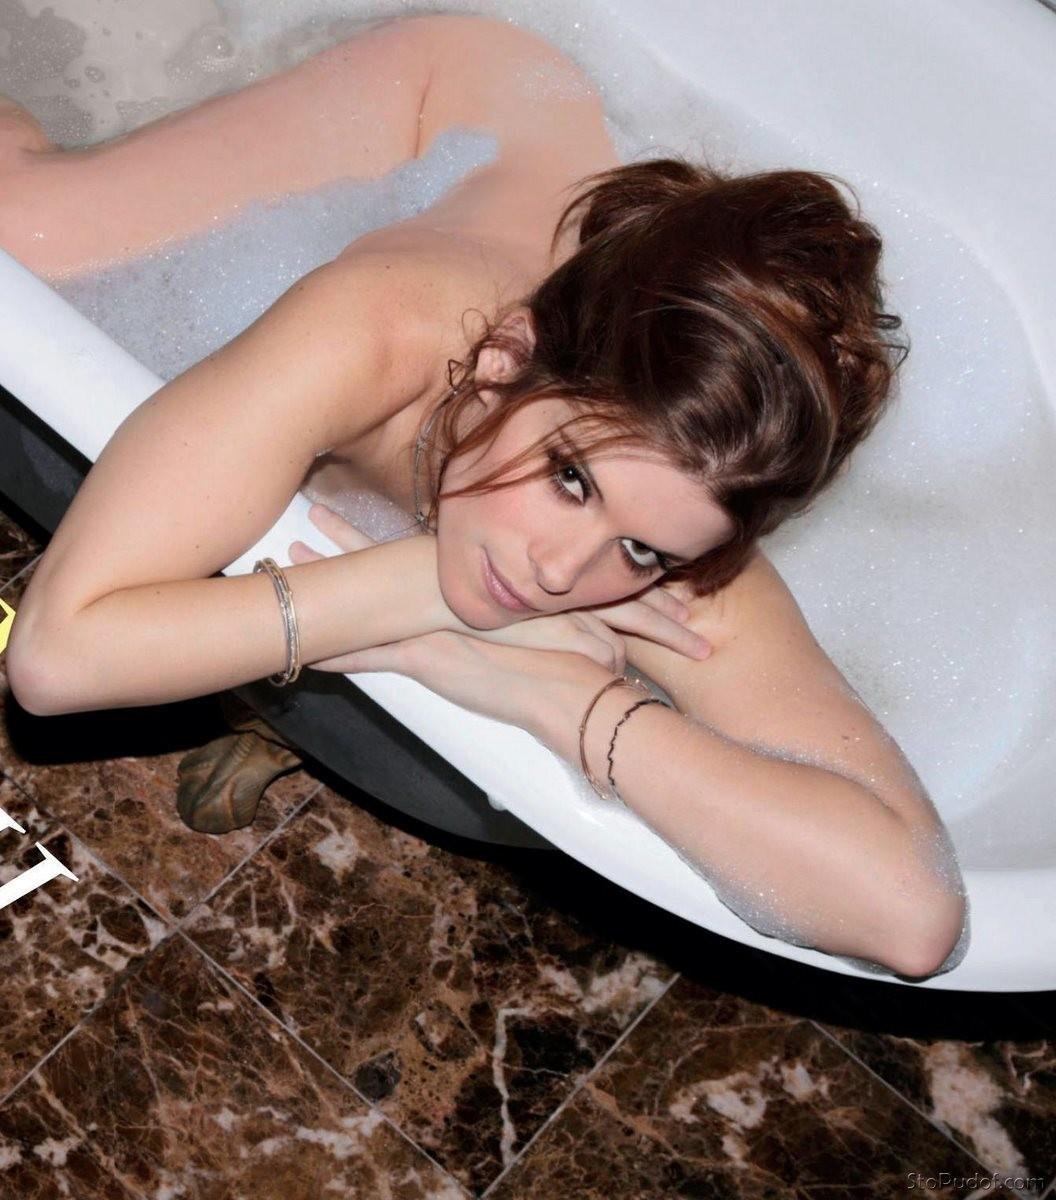 Kate mara free nudes